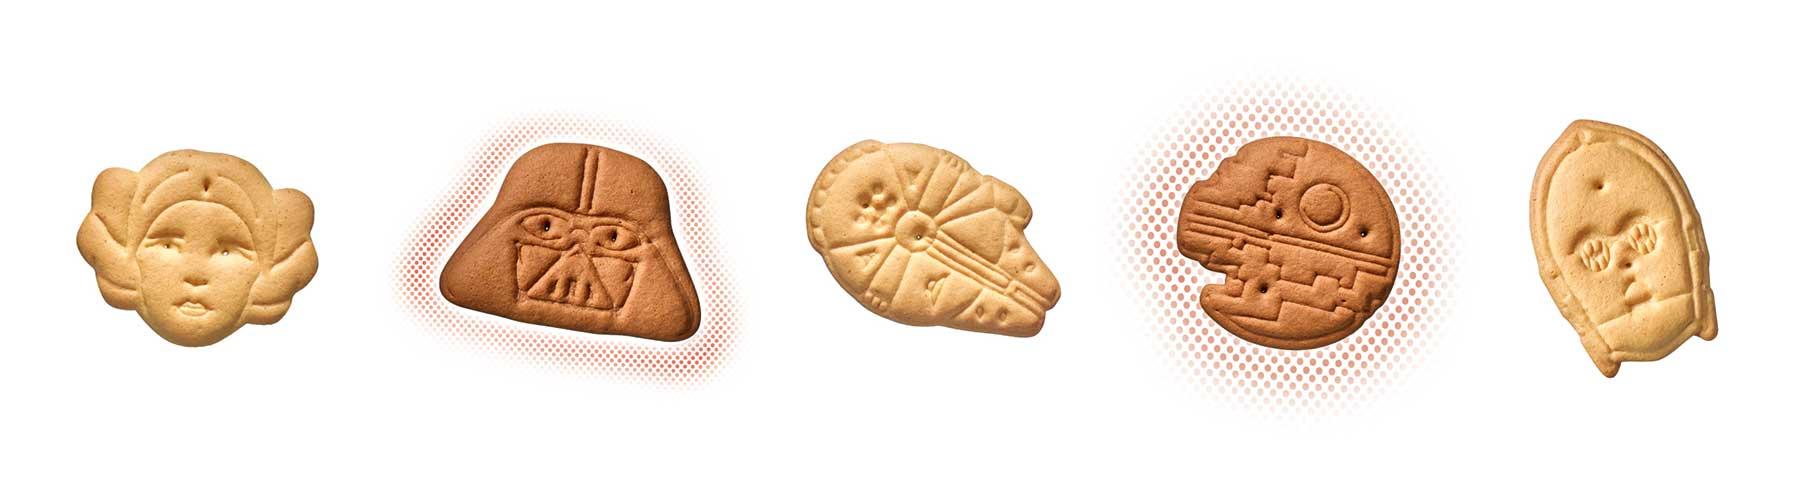 GEWINNT 3 Pakete LEIBNIZ STAR WARS™: Butterkekse in Form von Yoda, Darth Vader & Co.! Leibniz-Star-Wars-Butterkekse_05